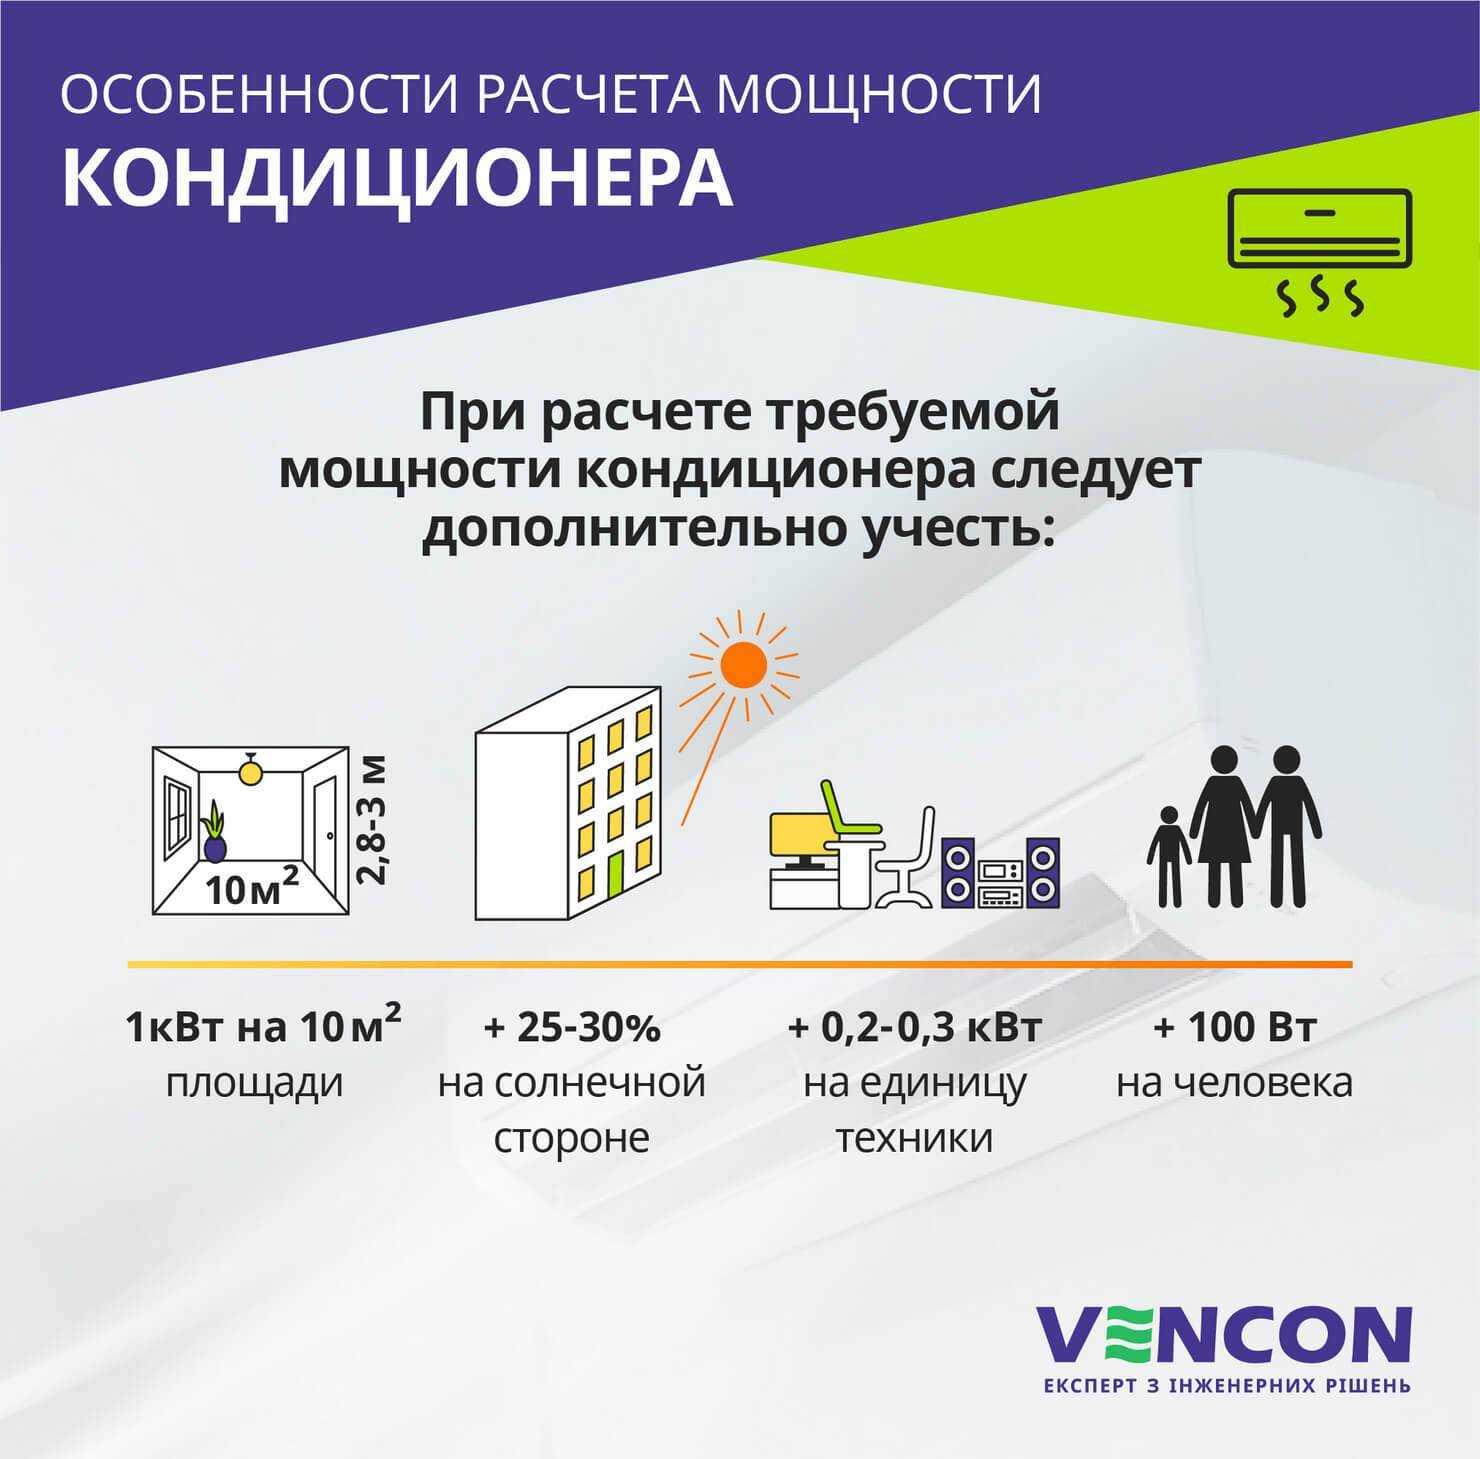 Как выбрать кондиционер для квартиры и дома: какой лучше, рейтинг 2015-2016